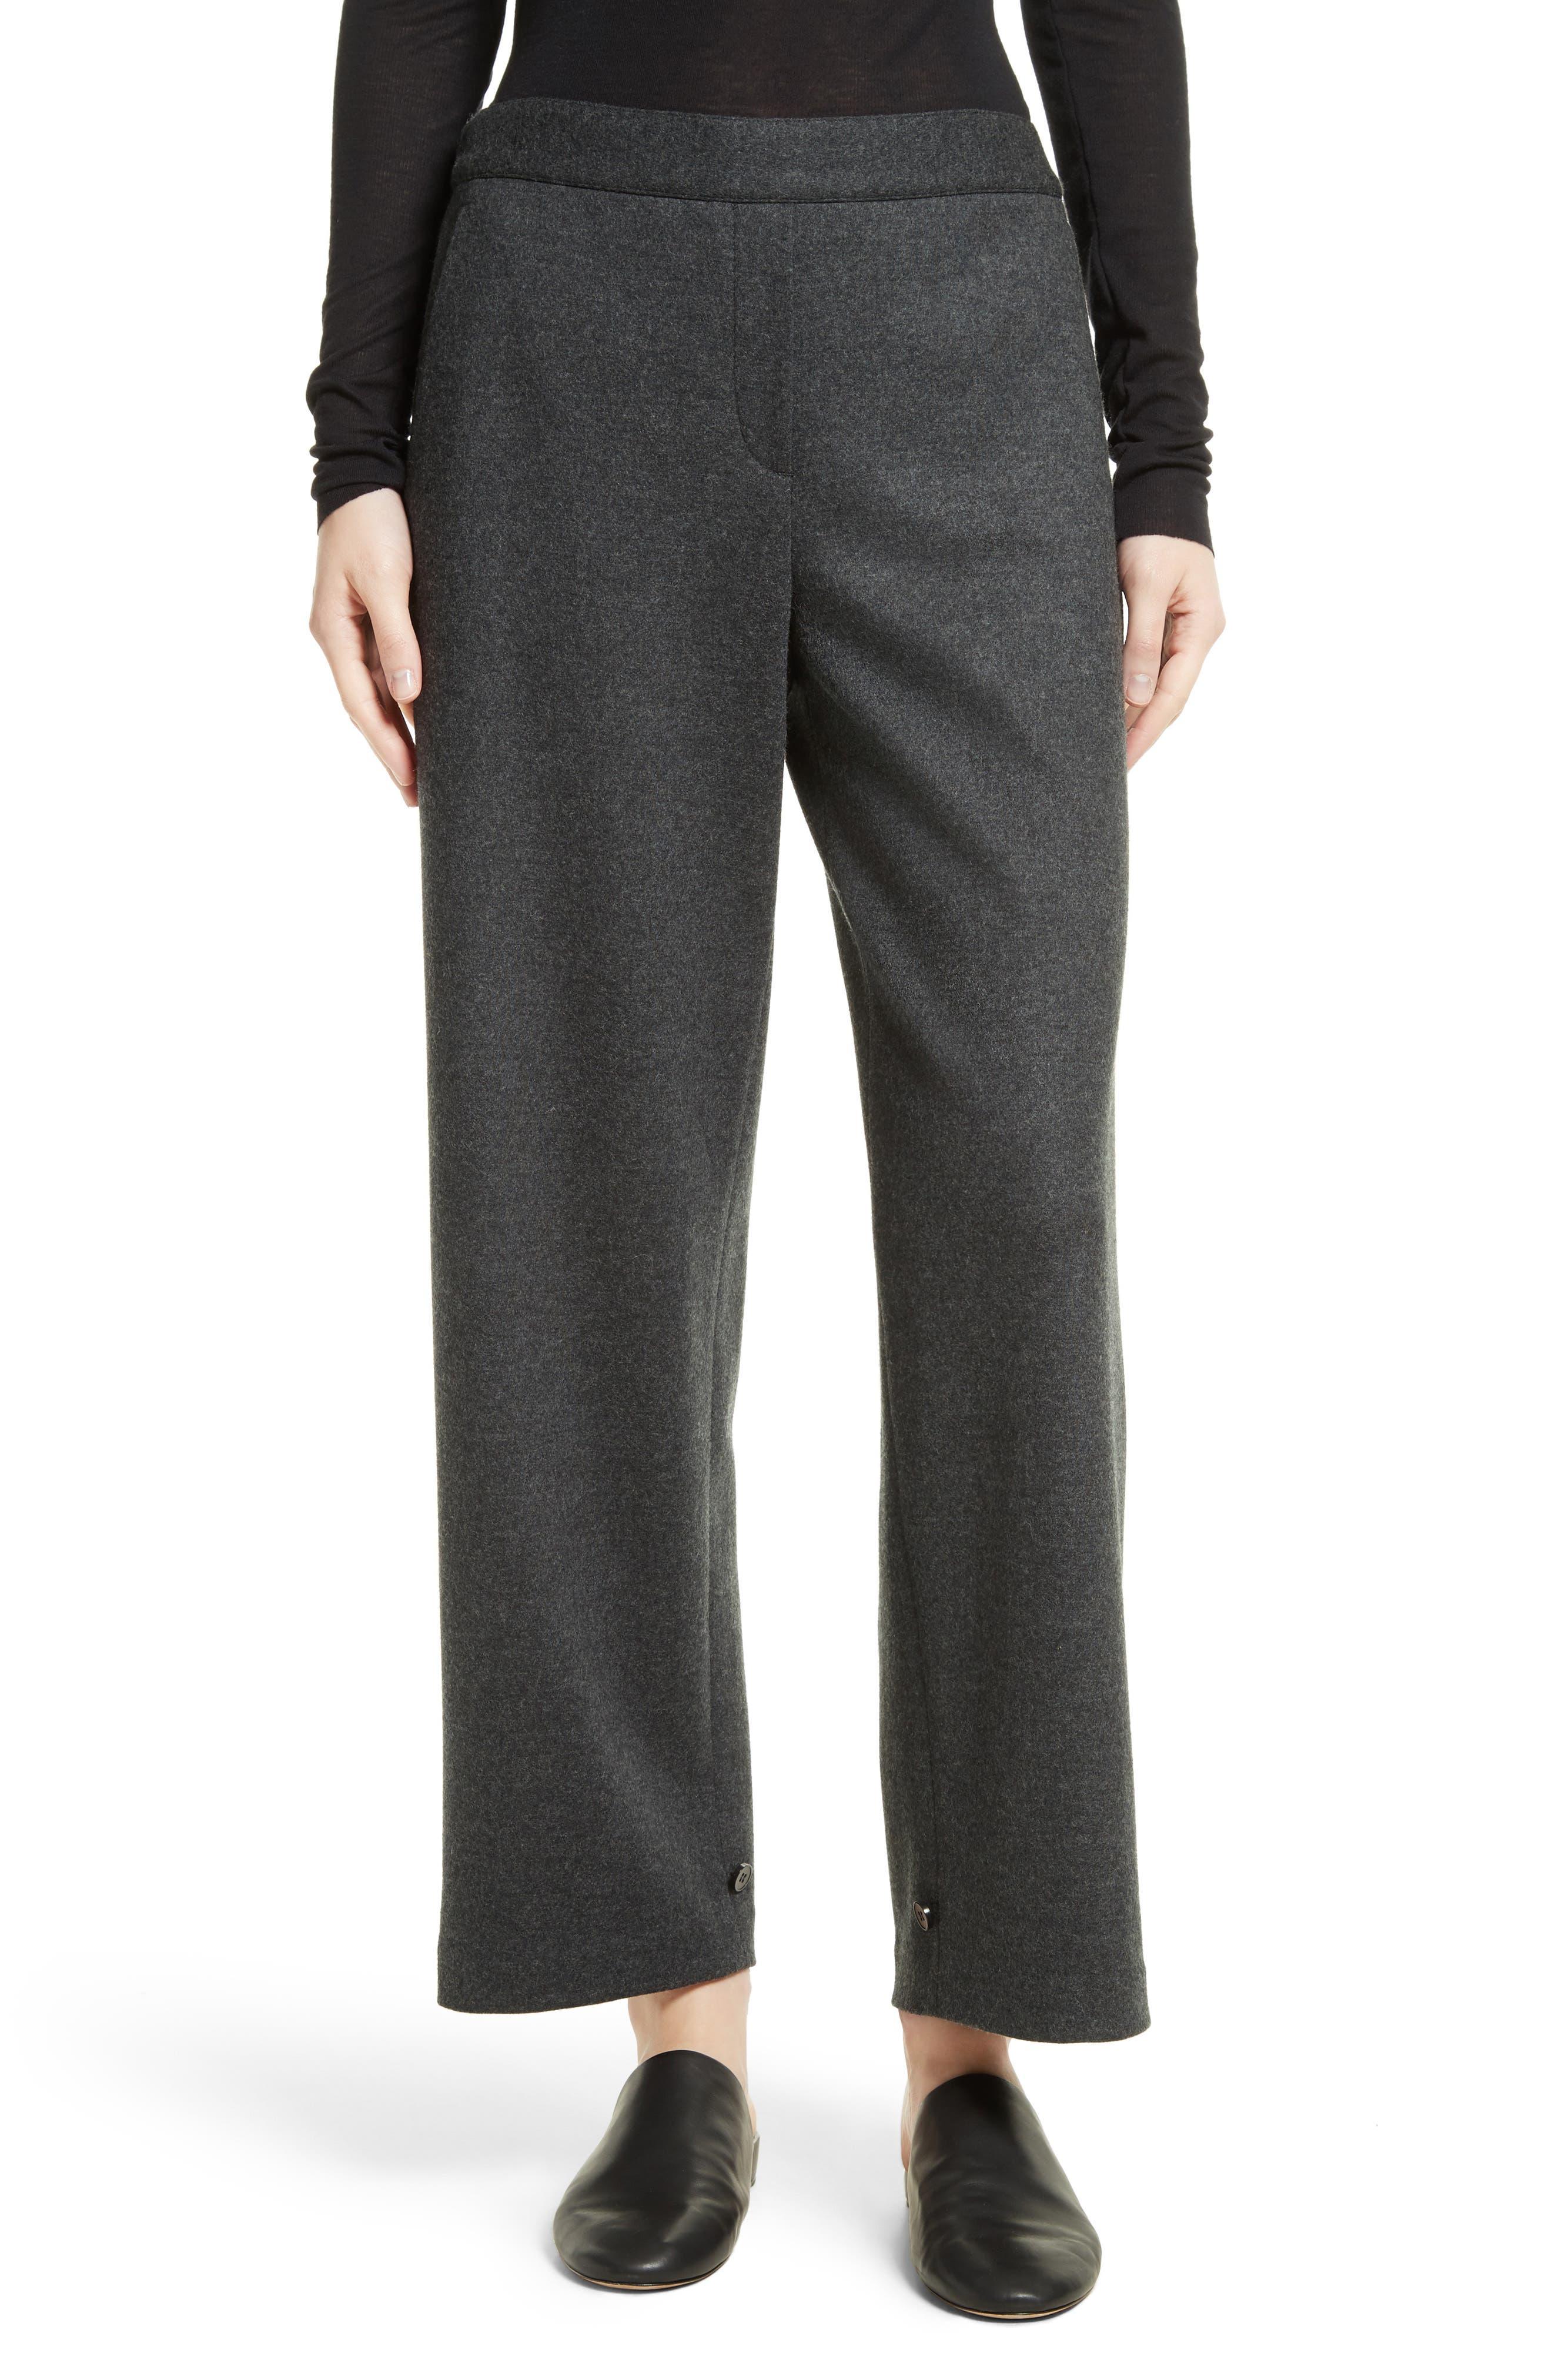 Genie Flannel Knit Pants,                         Main,                         color, 029